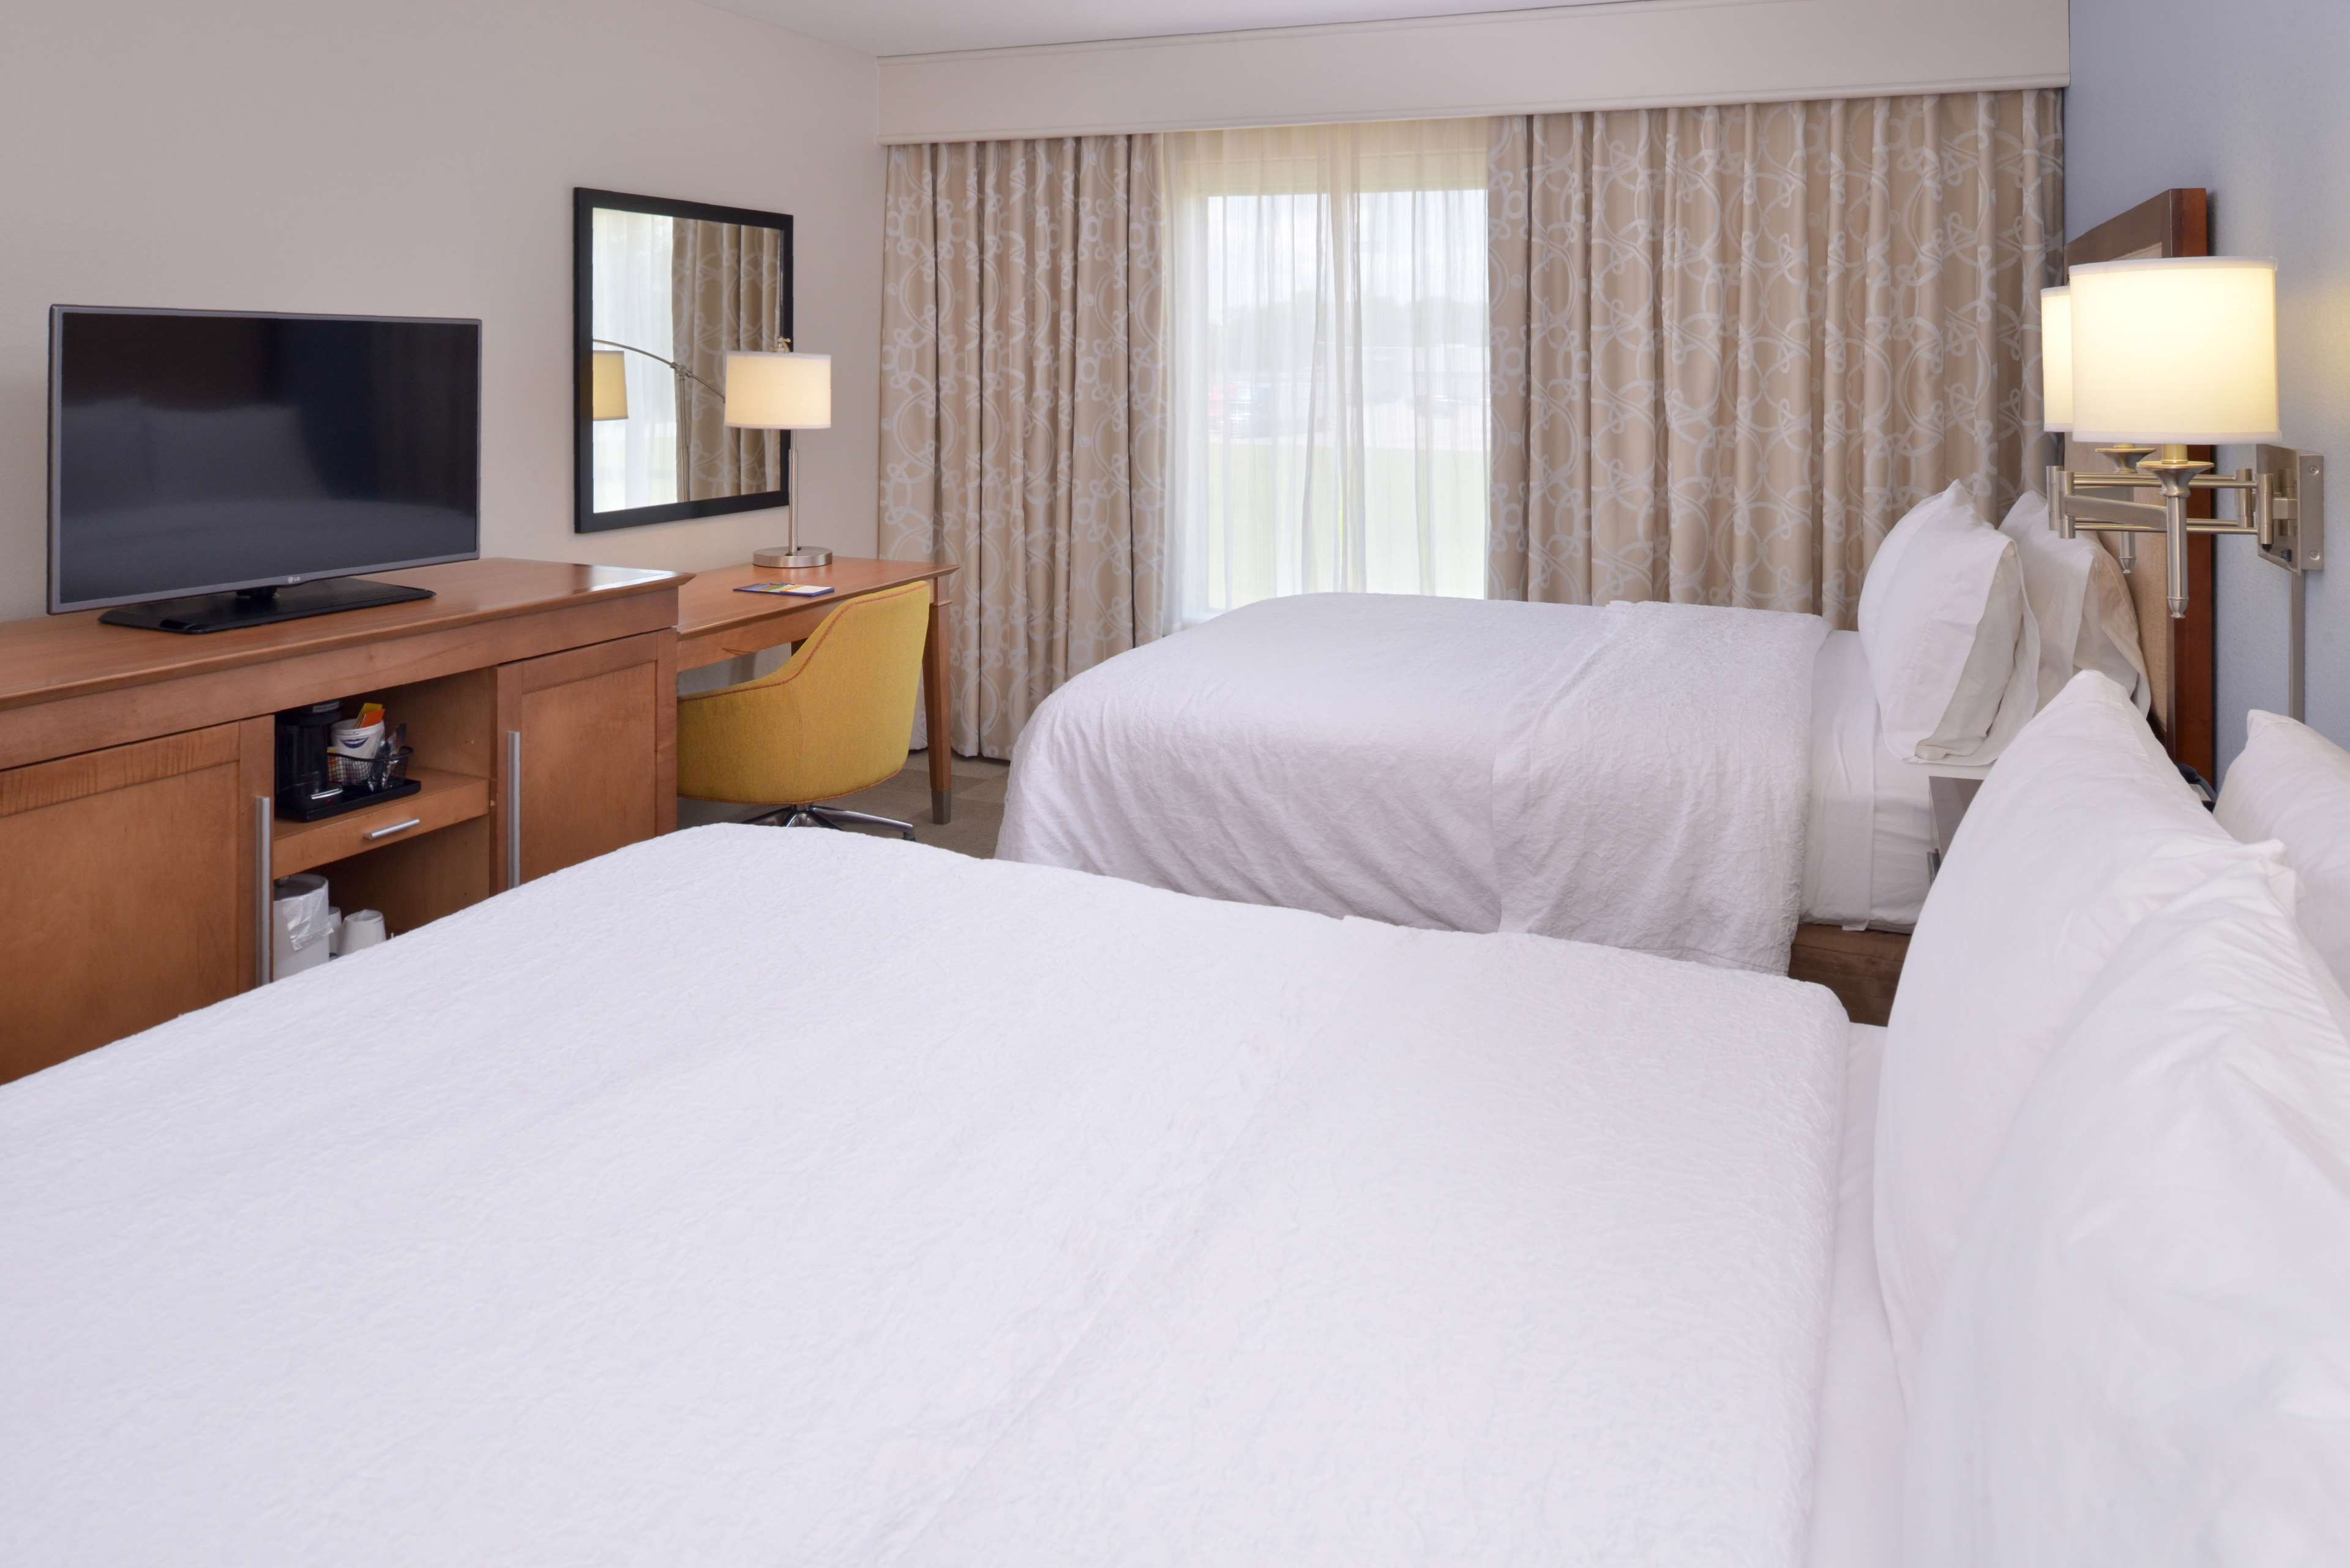 Hampton Inn & Suites Lonoke image 40